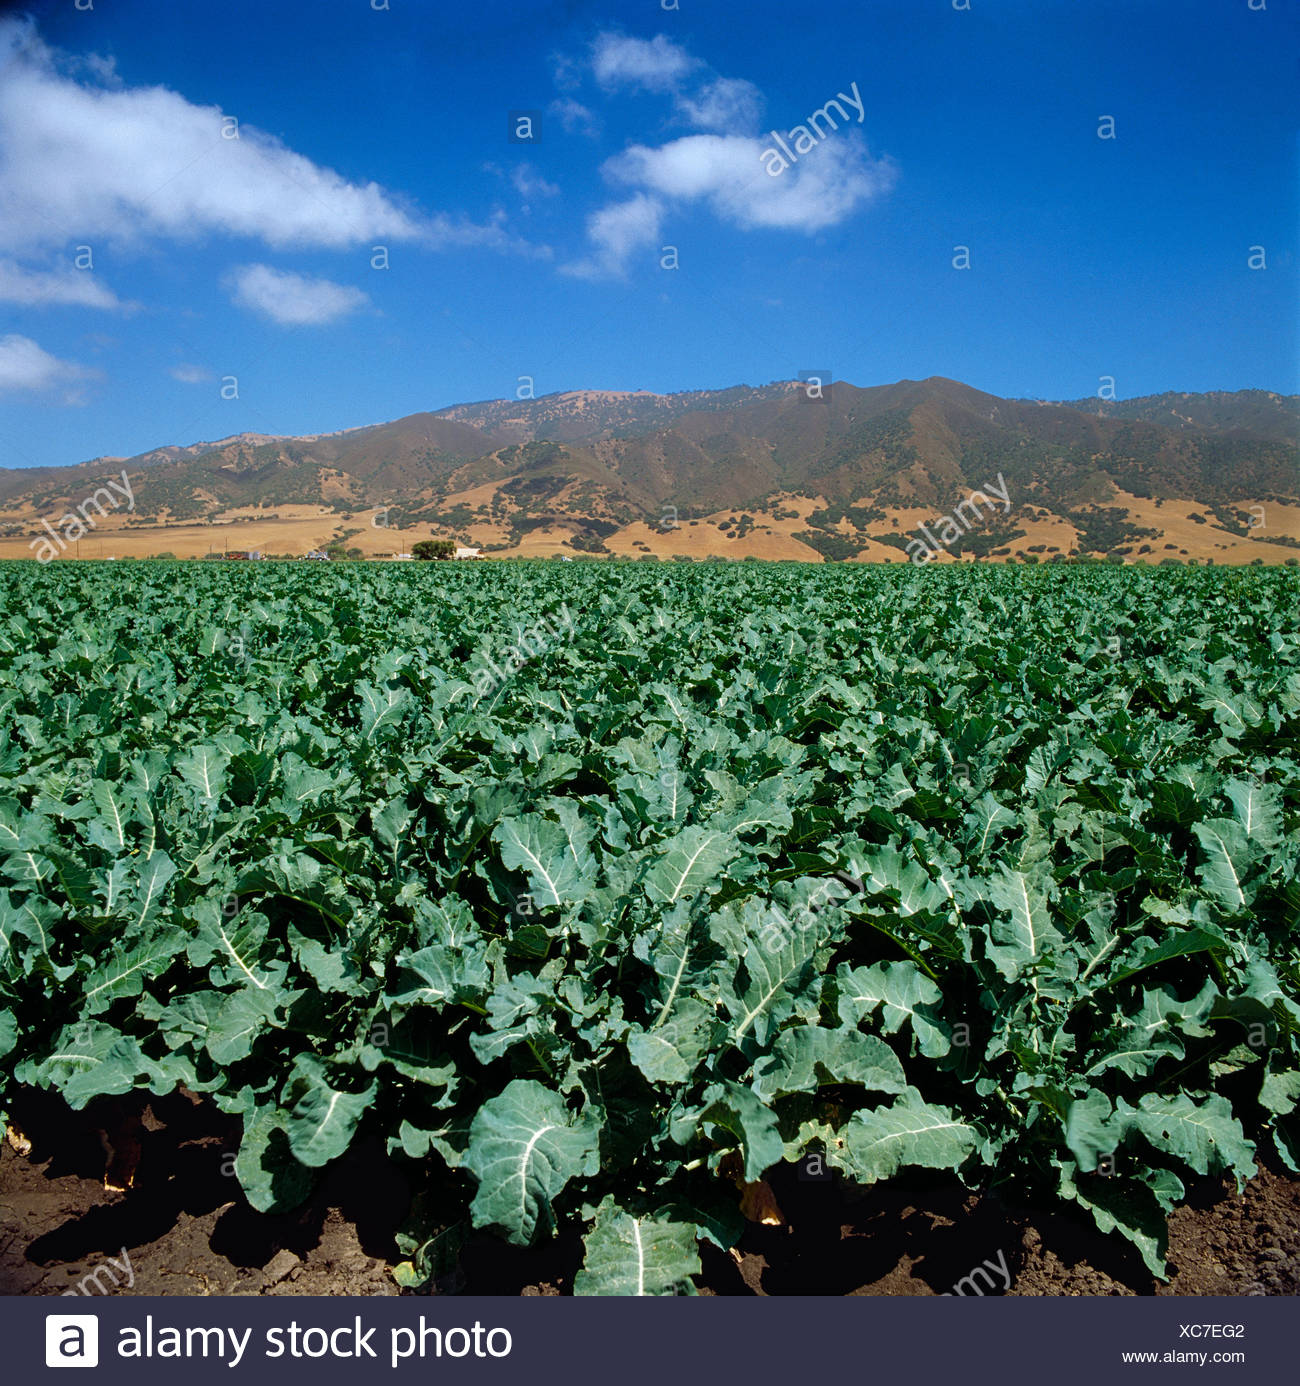 Agriculture Champ De Choux Fleurs Matures Prets Pour La Recolte